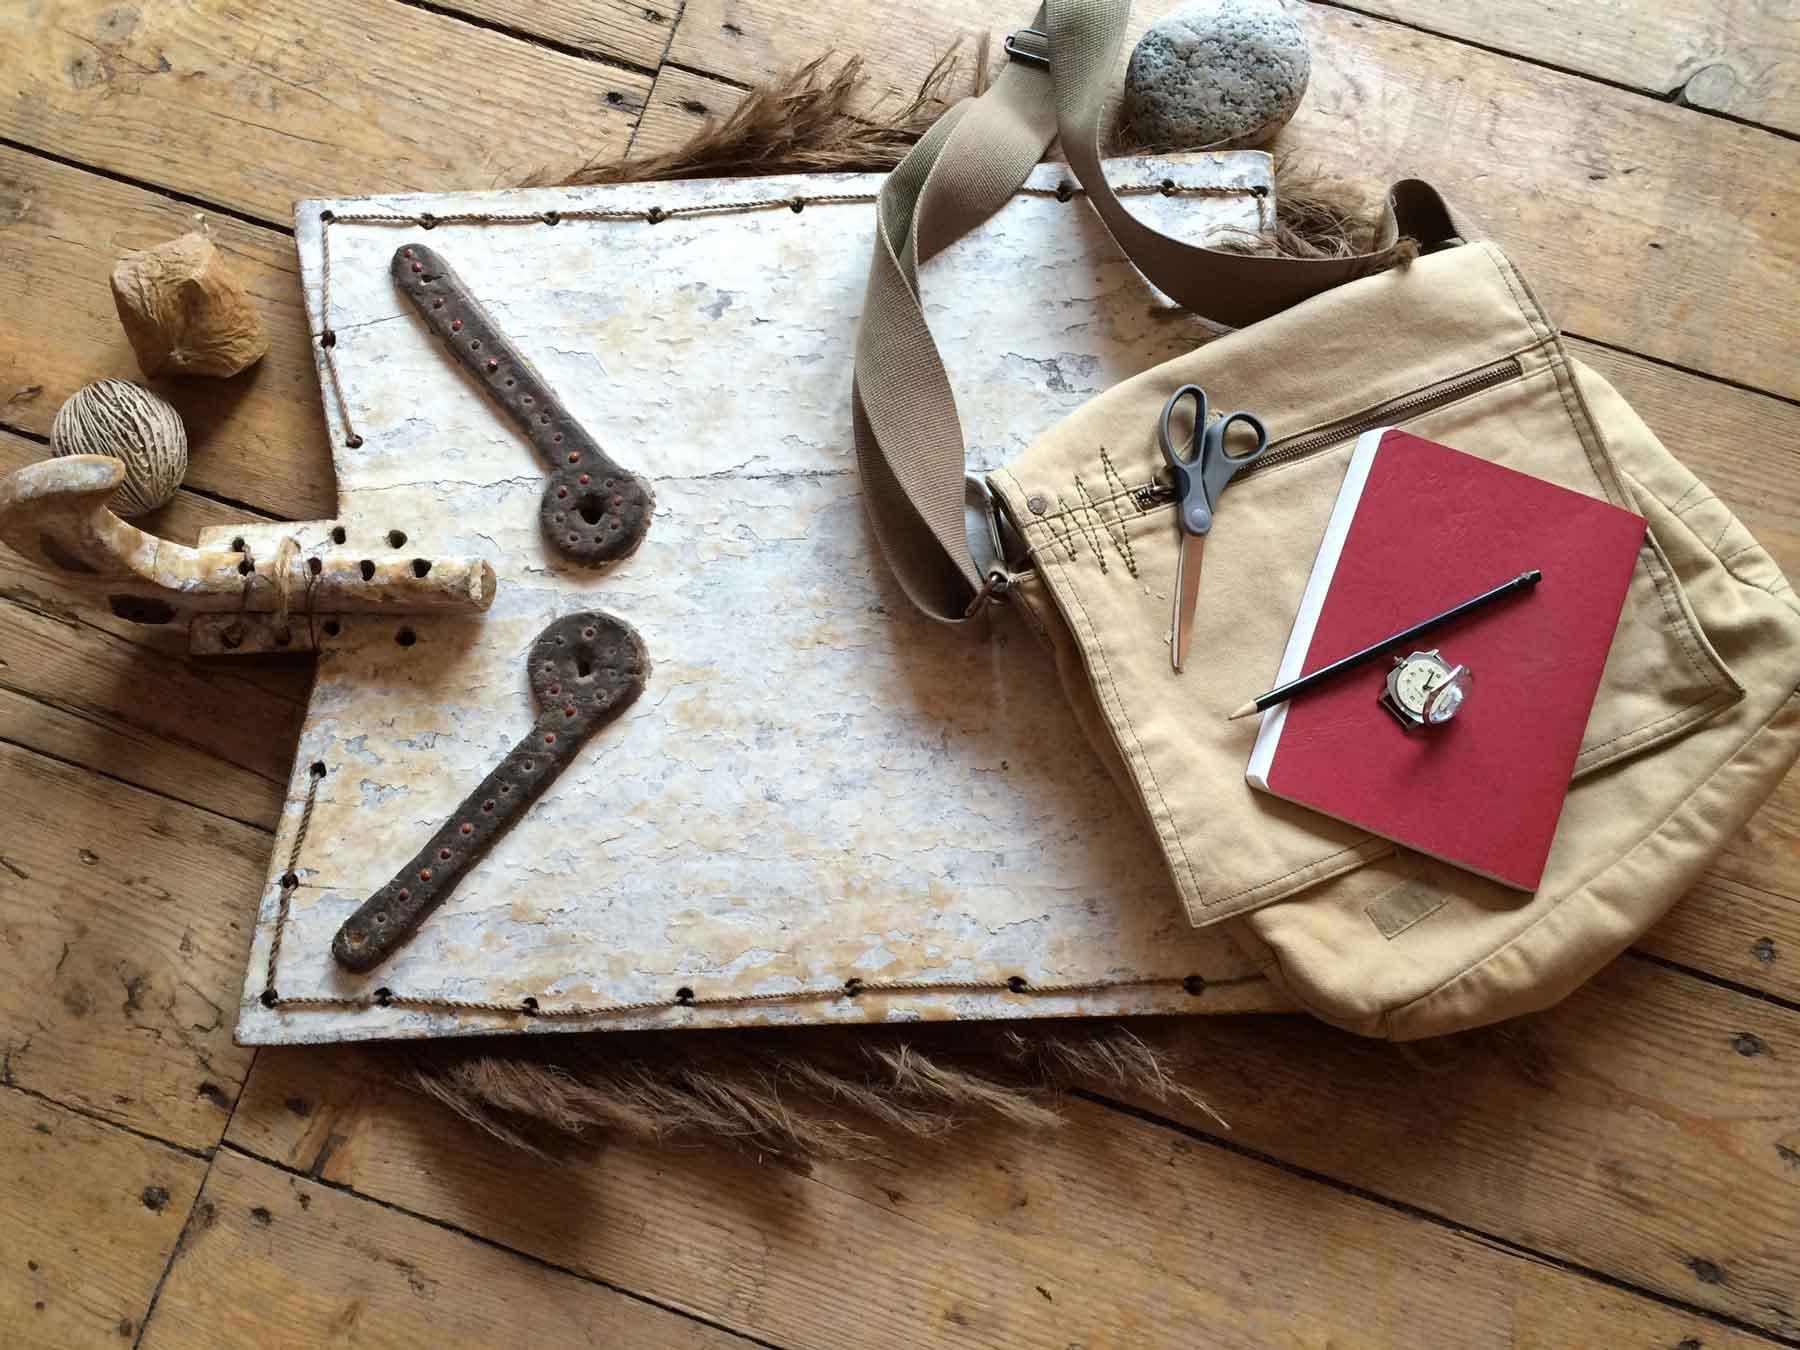 Rucksack Stift, Notizbuch in Roter Farbe, Kompass und mythisches Motiv von oben gesehen auf erdigem, holzigem Untergrund